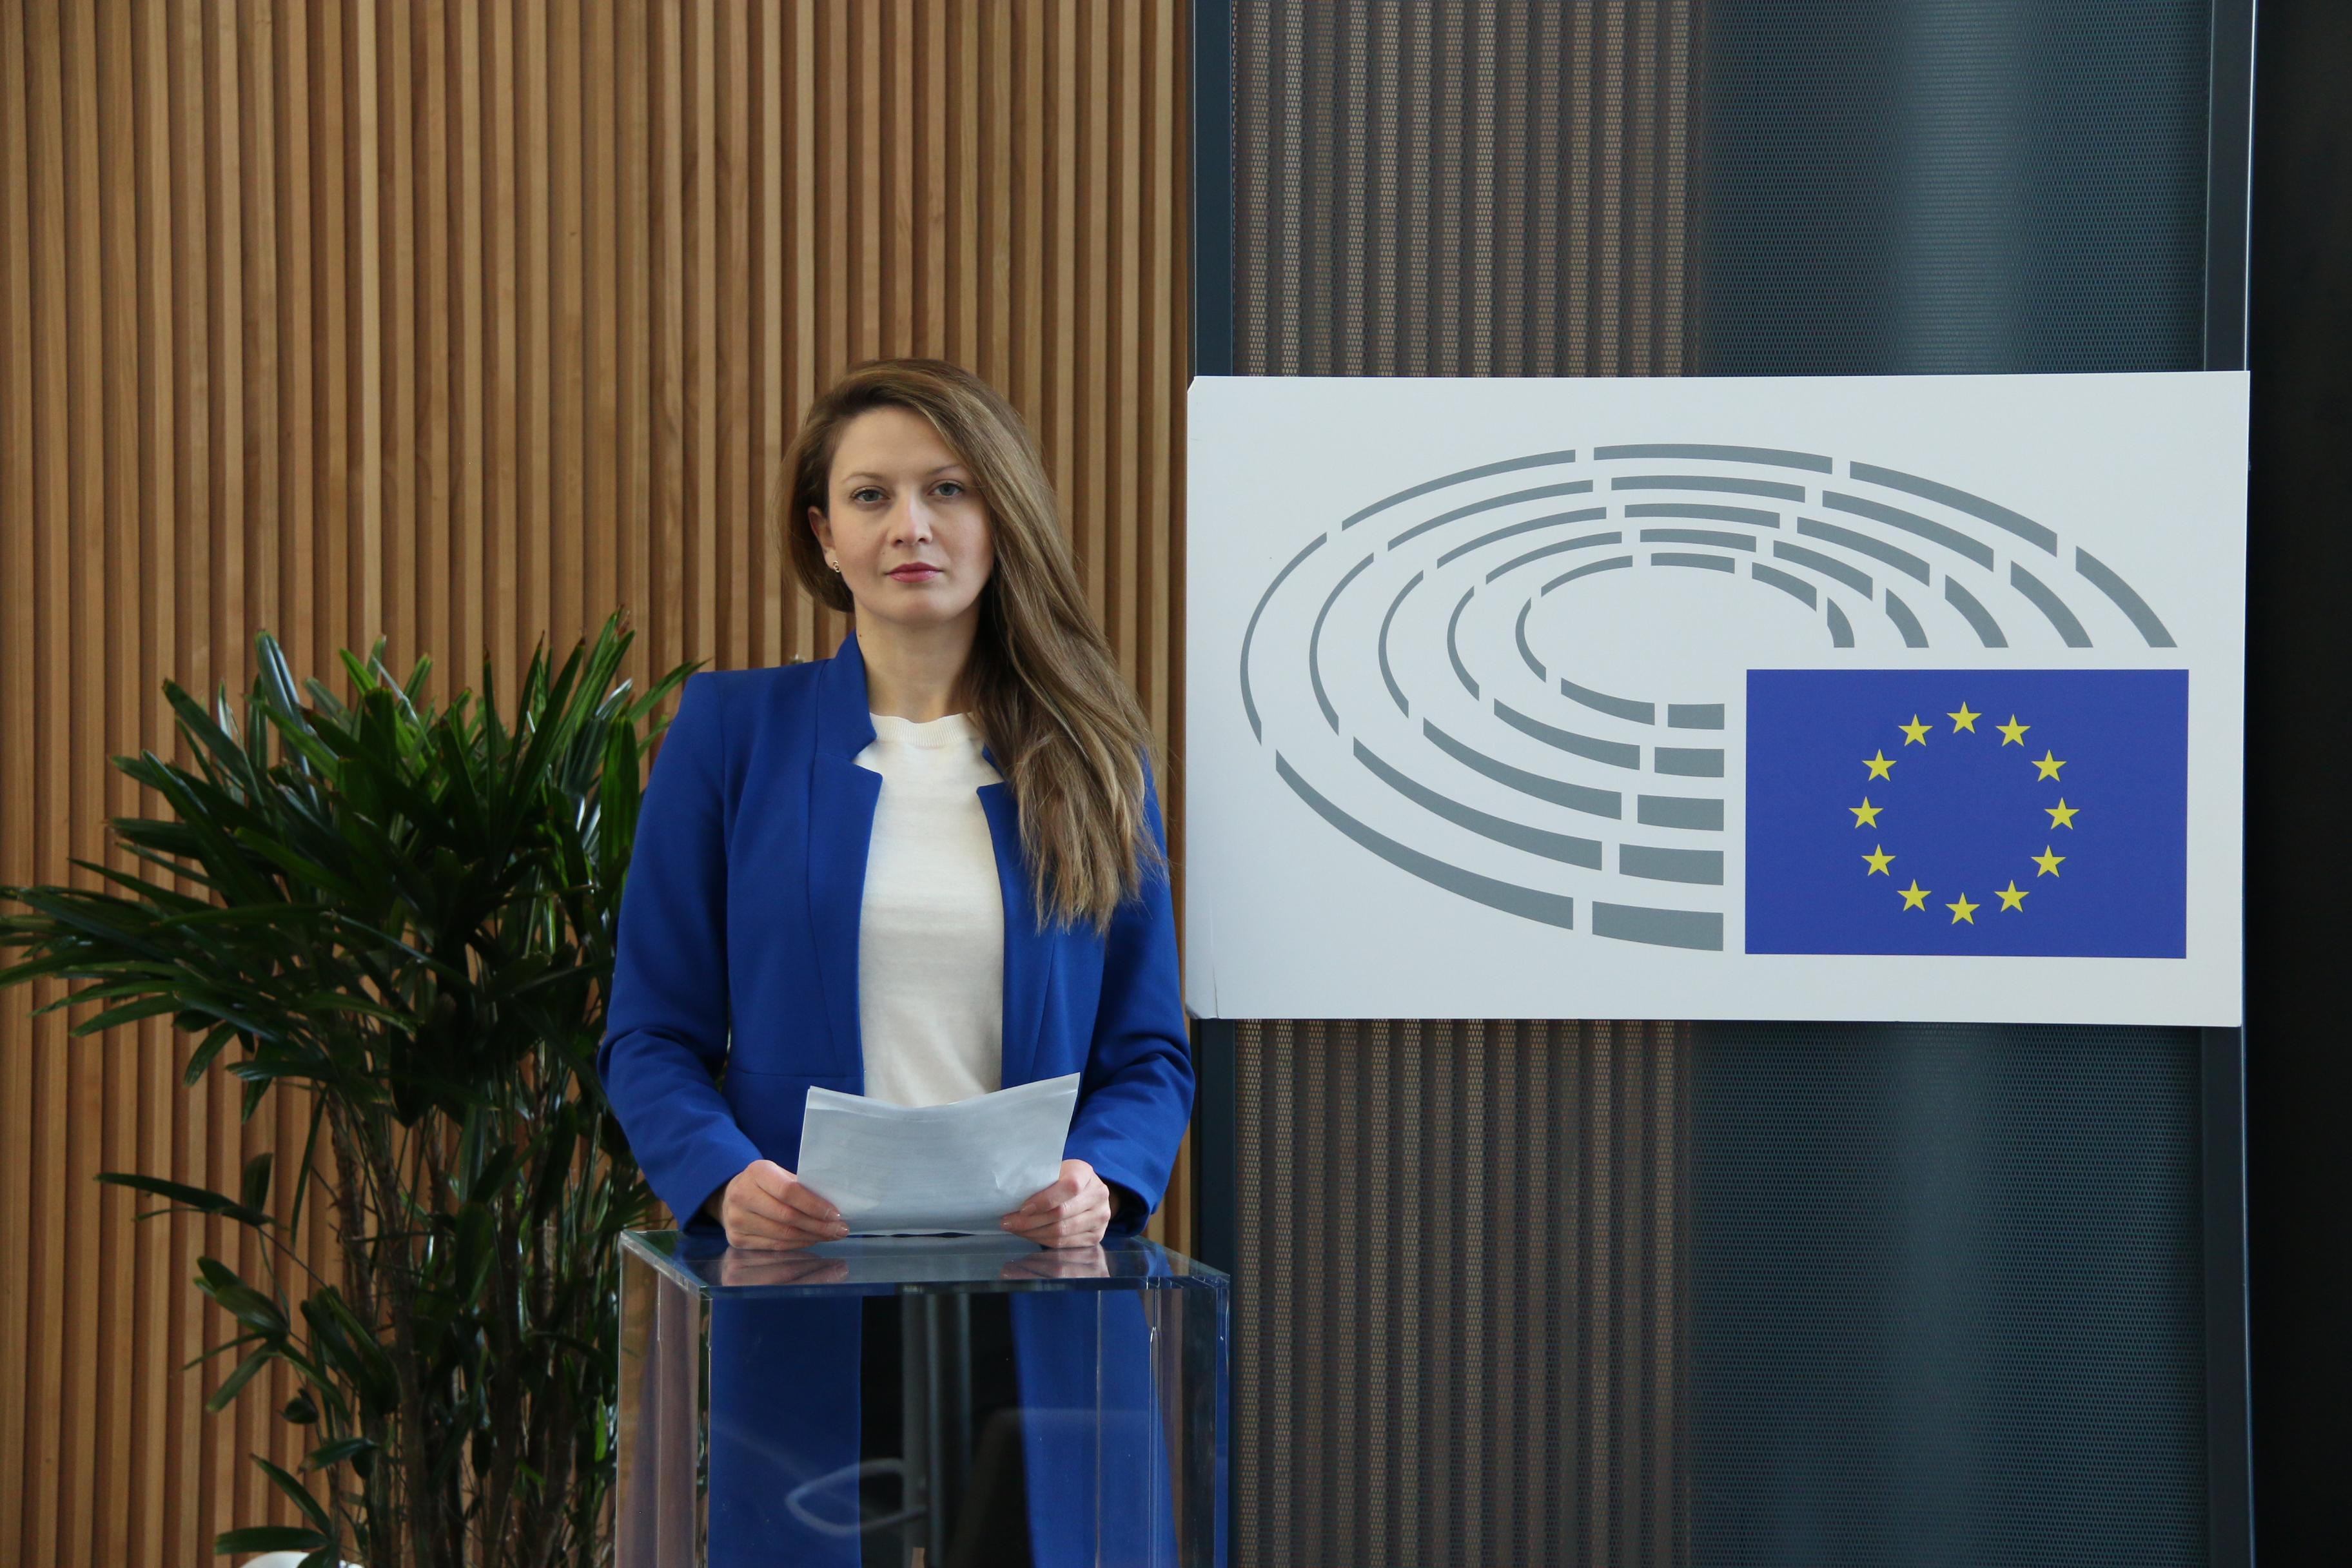 Цветелина Пенкова: България е под средното за ЕС ниво на усвояване на европейски средства.  Системата за управление на средствата от ЕС не предоставя систематизирана информация